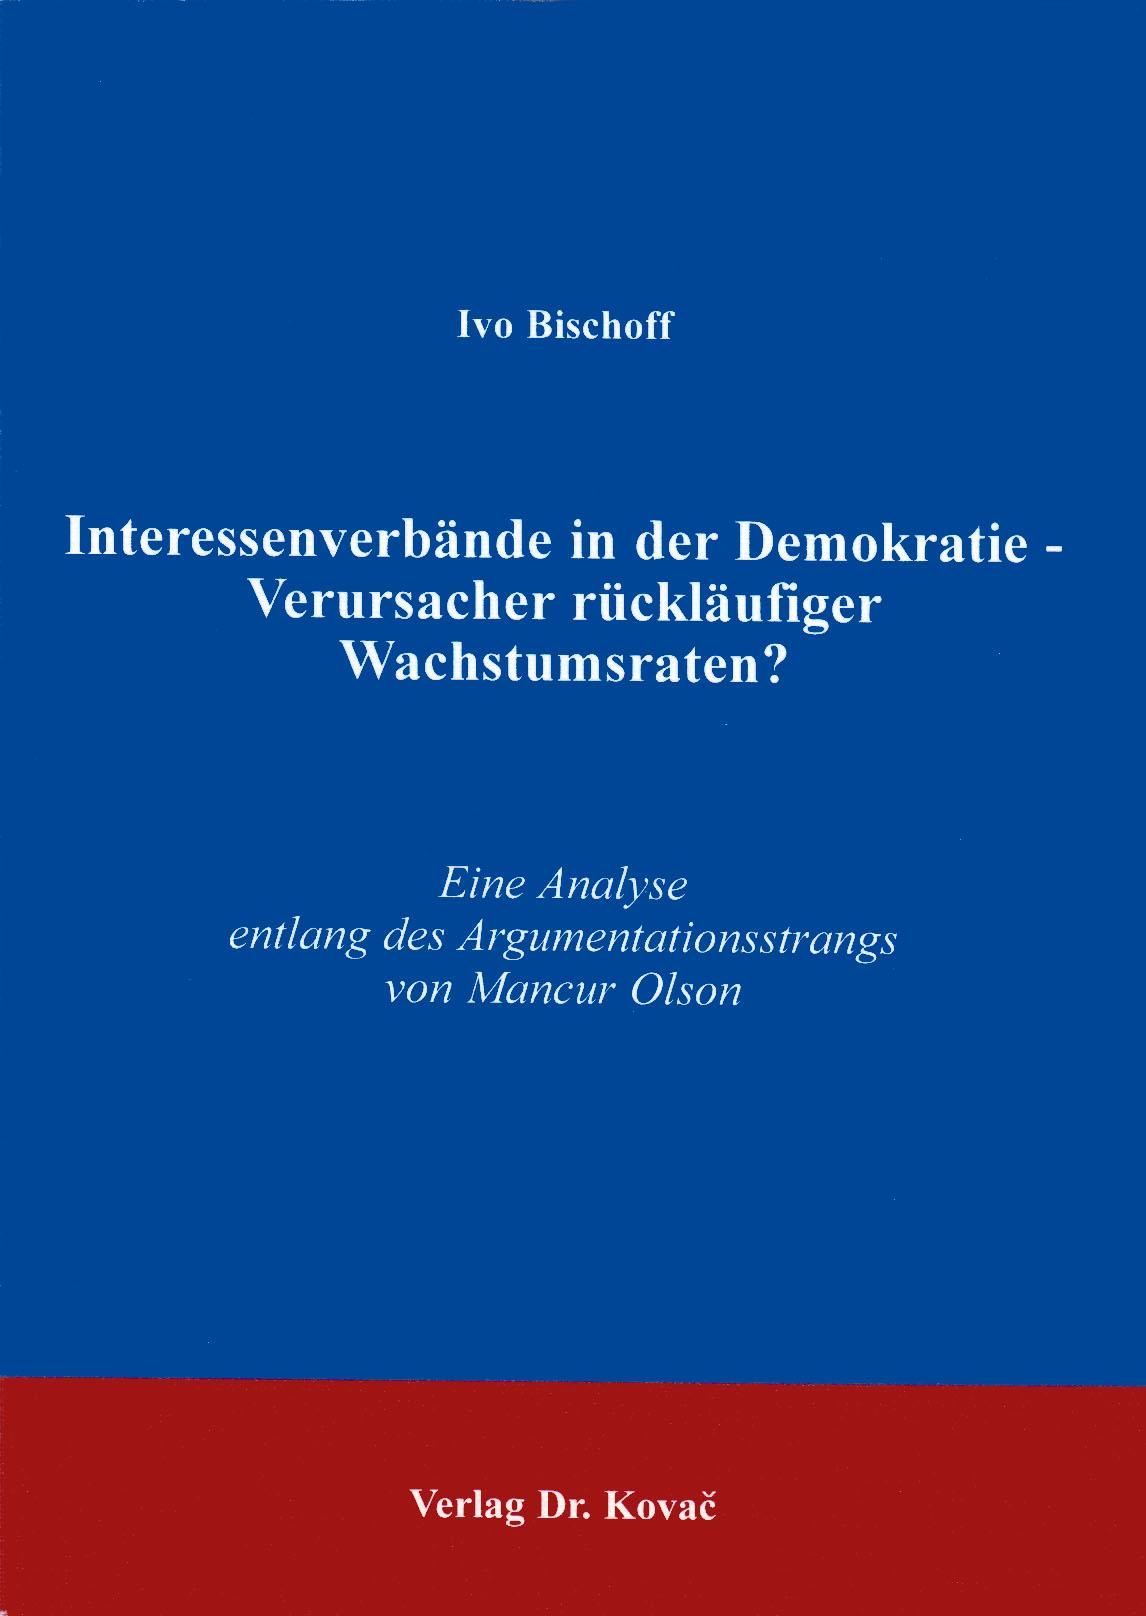 Cover: Interessenverbände in der Demokratie - Verursacher rückläufiger Wachstumsraten?